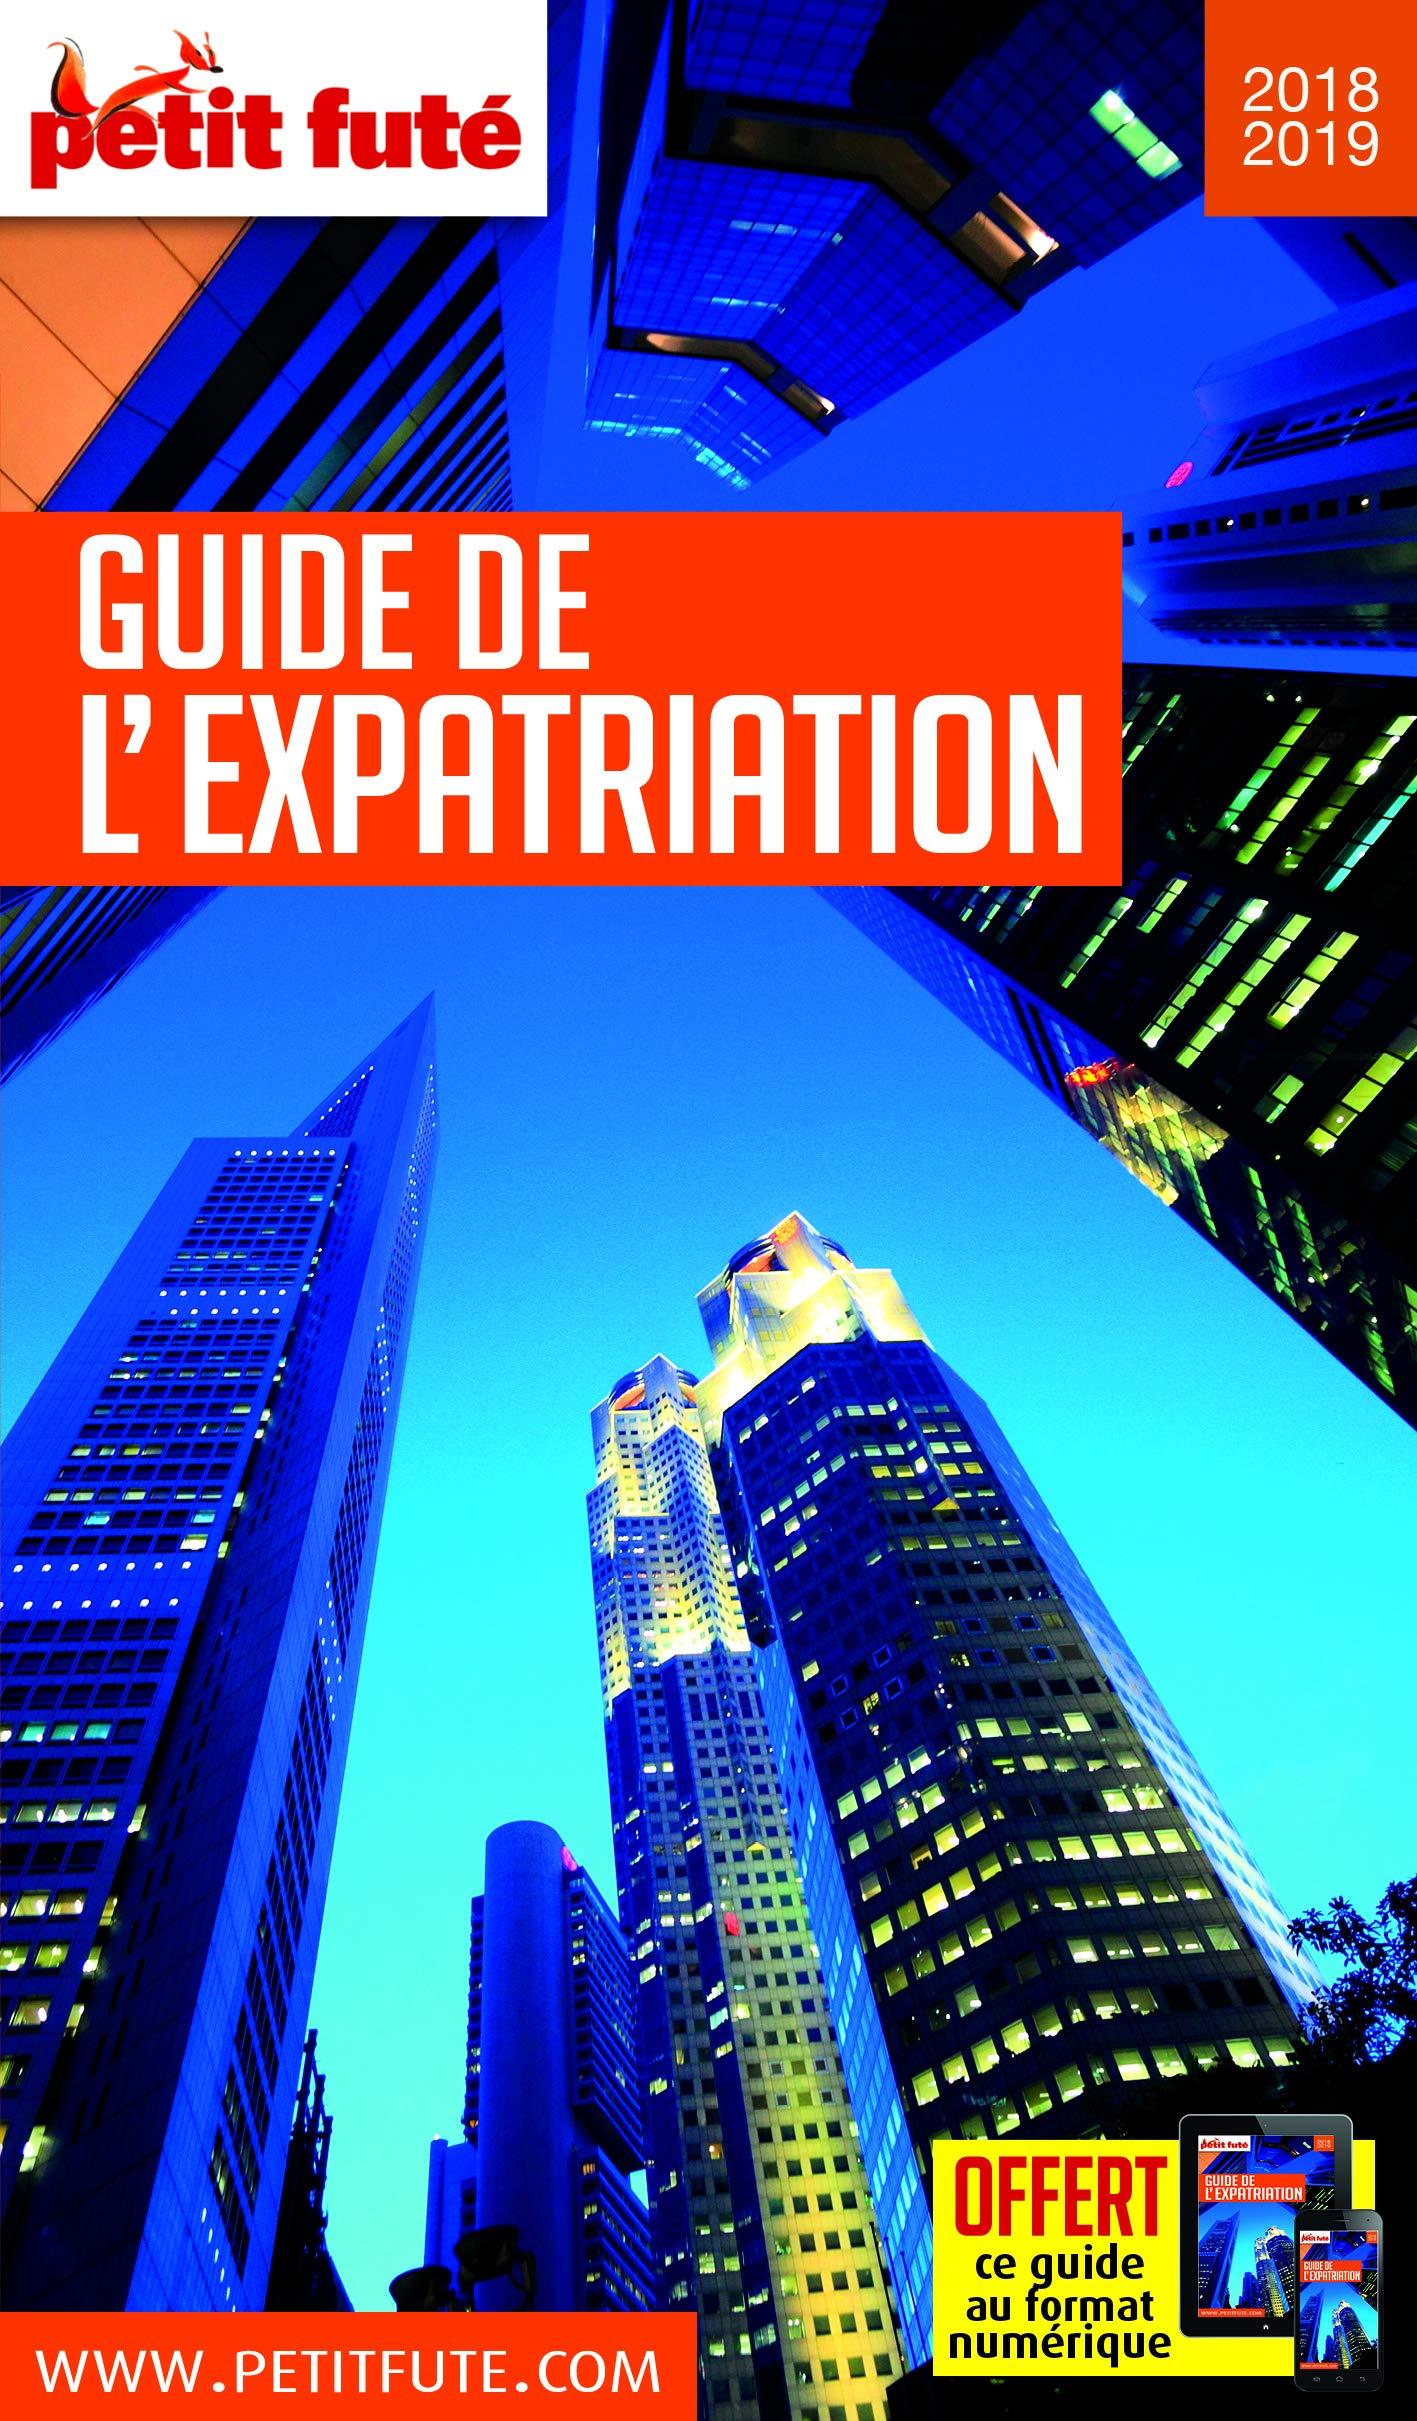 Guide de l'expatriation